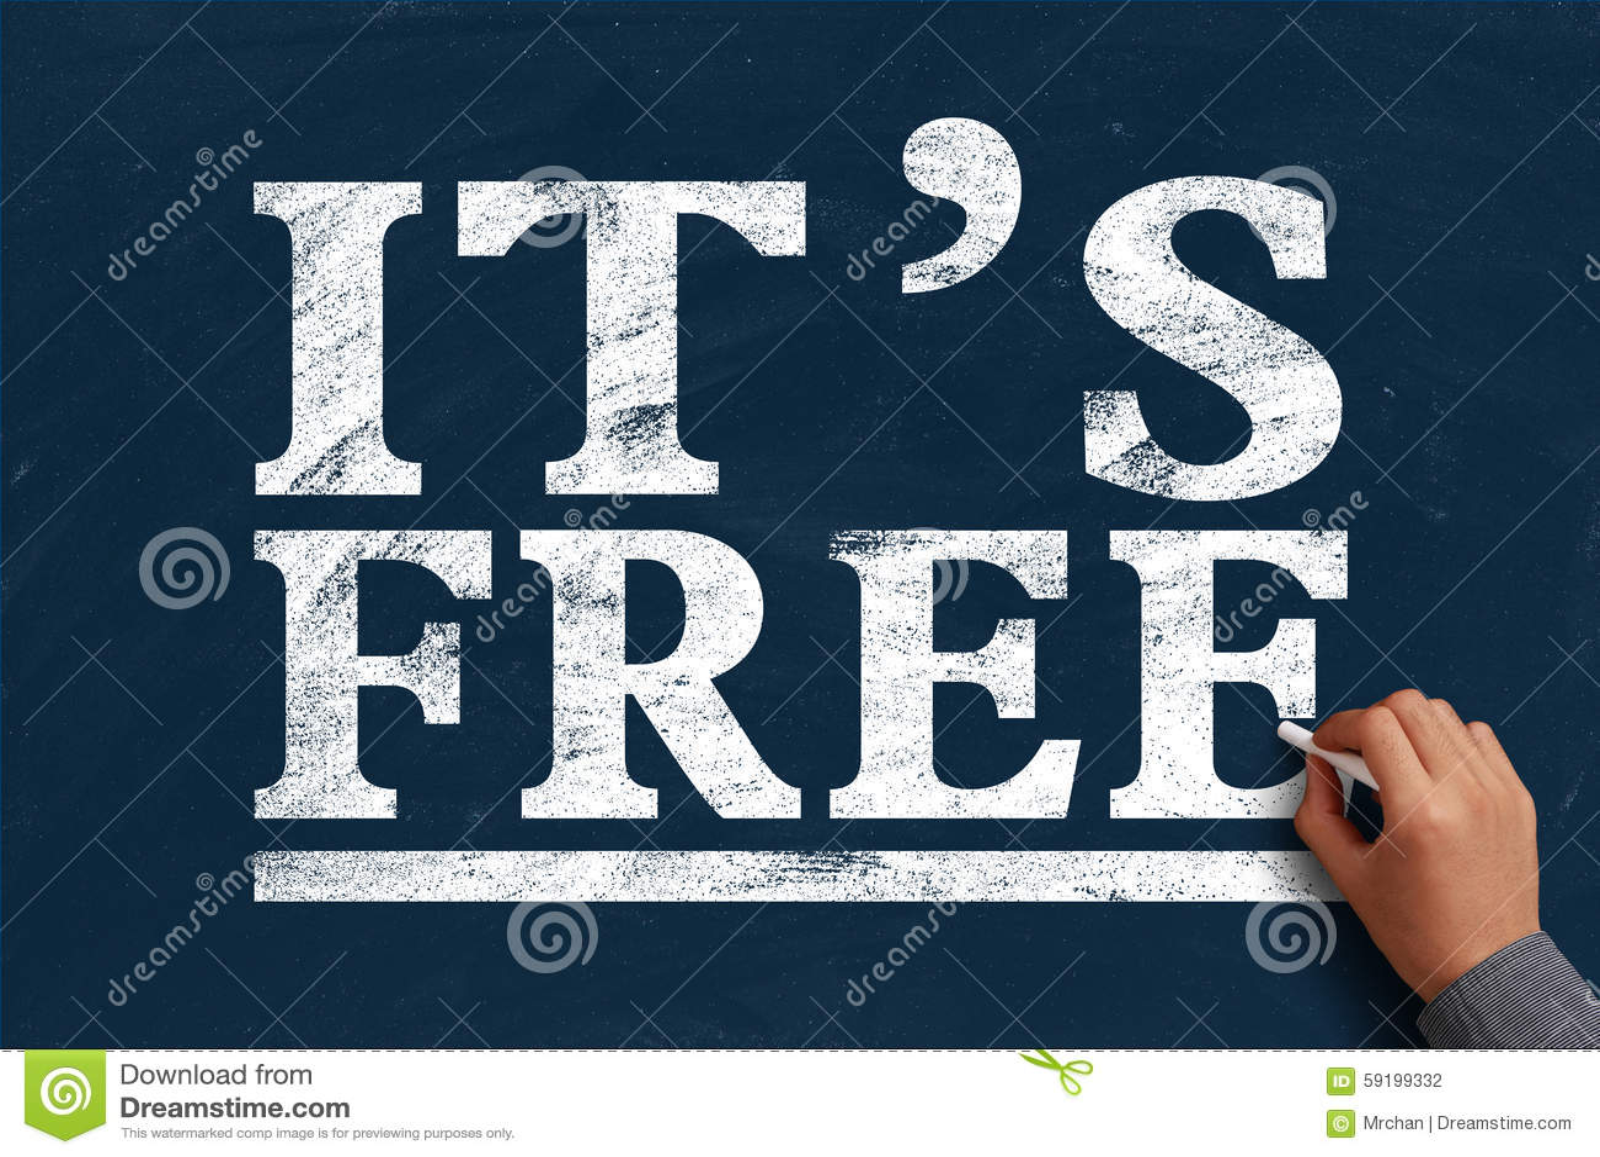 Ja jest bezpłatny